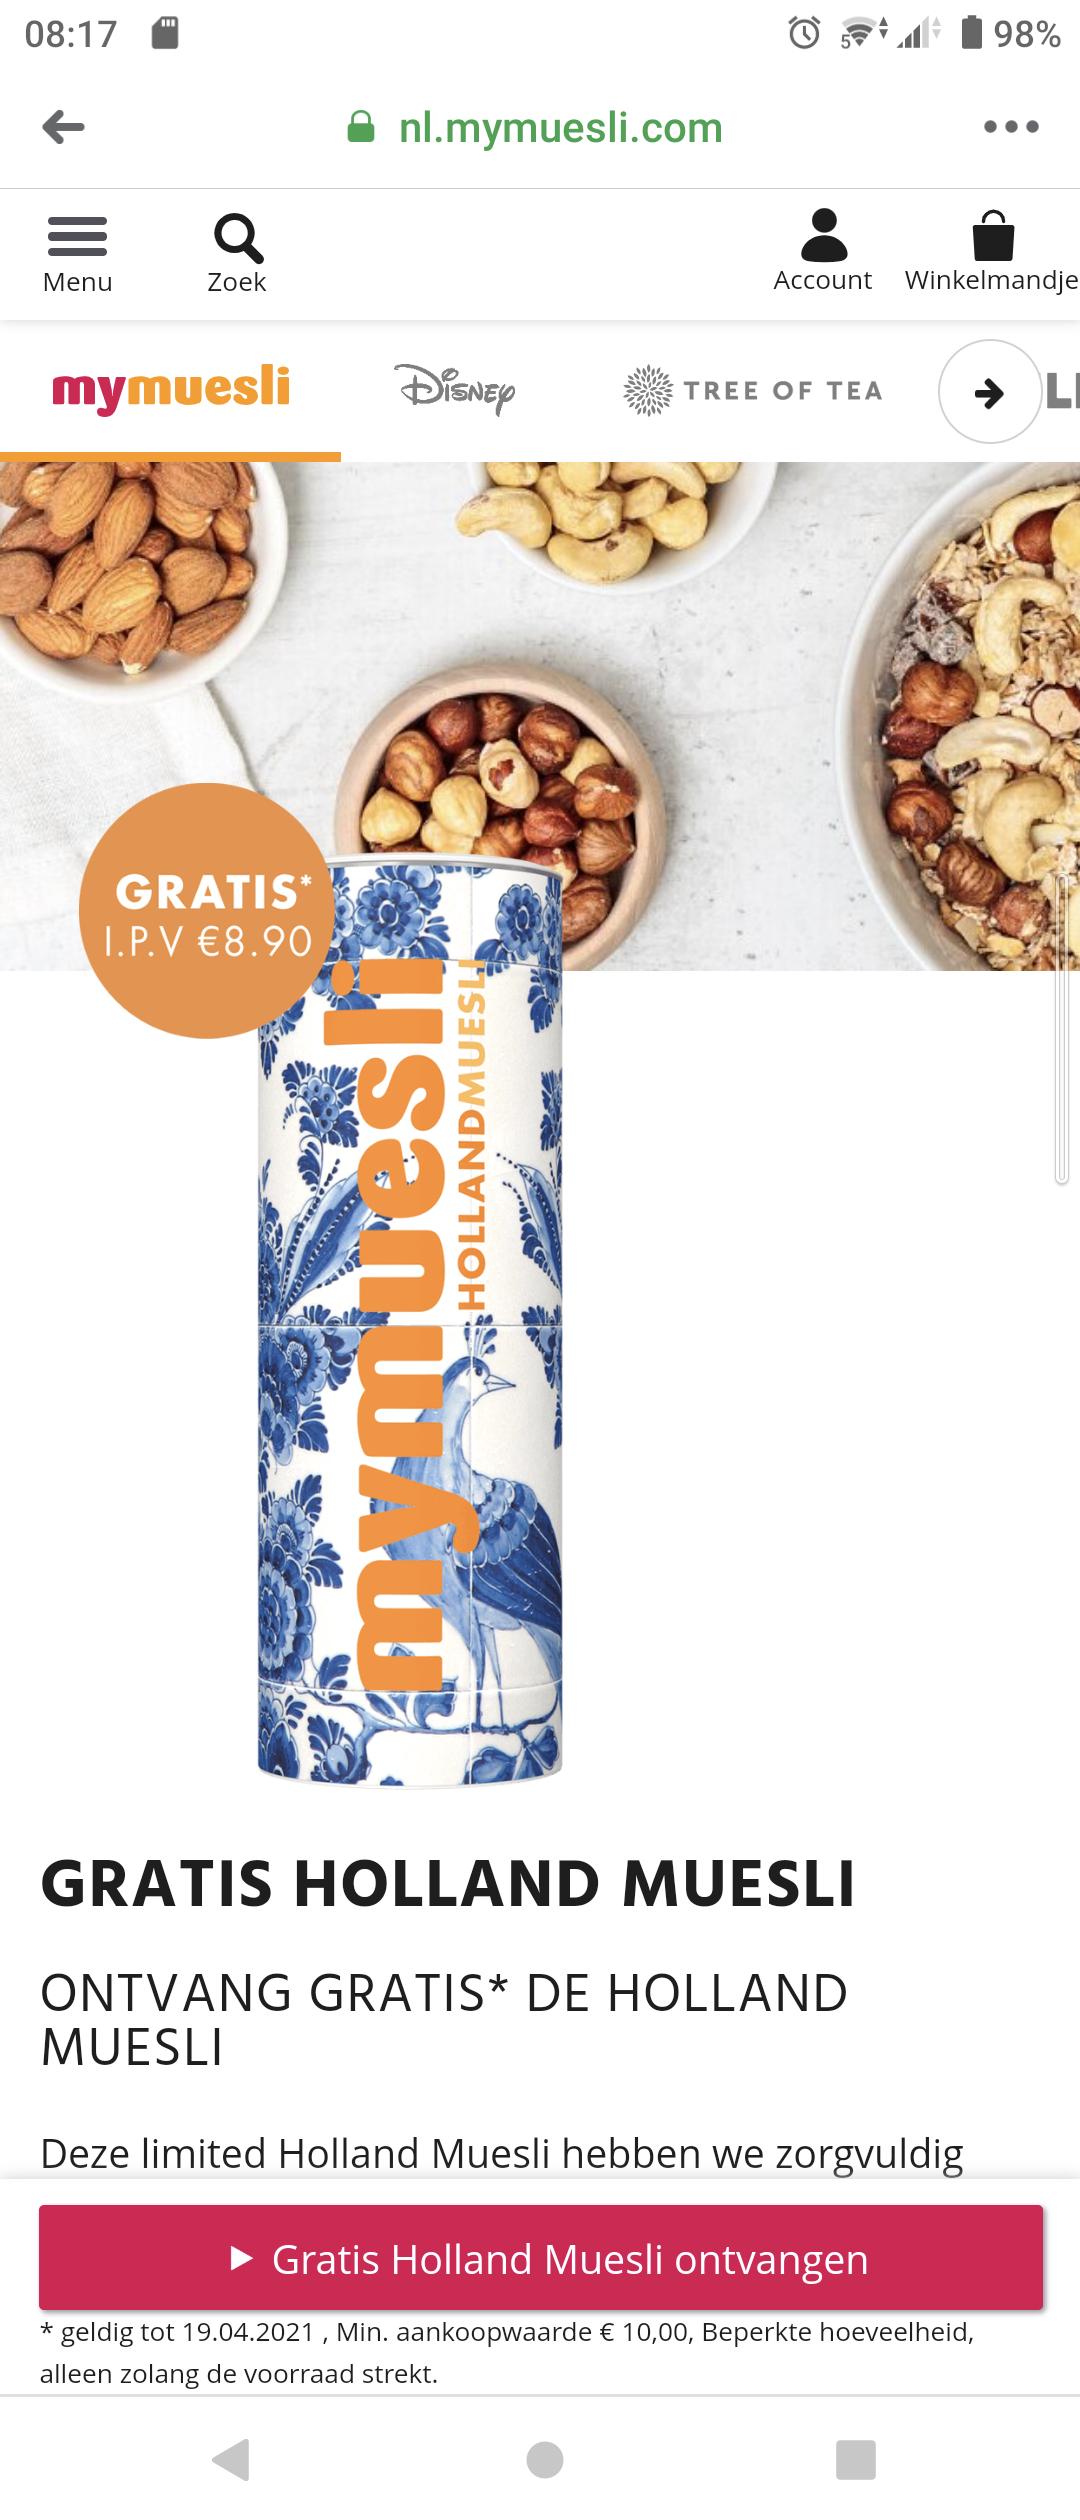 Deze week gratis Holland muesli bij minimale besteding van €10 @ Mymuesli